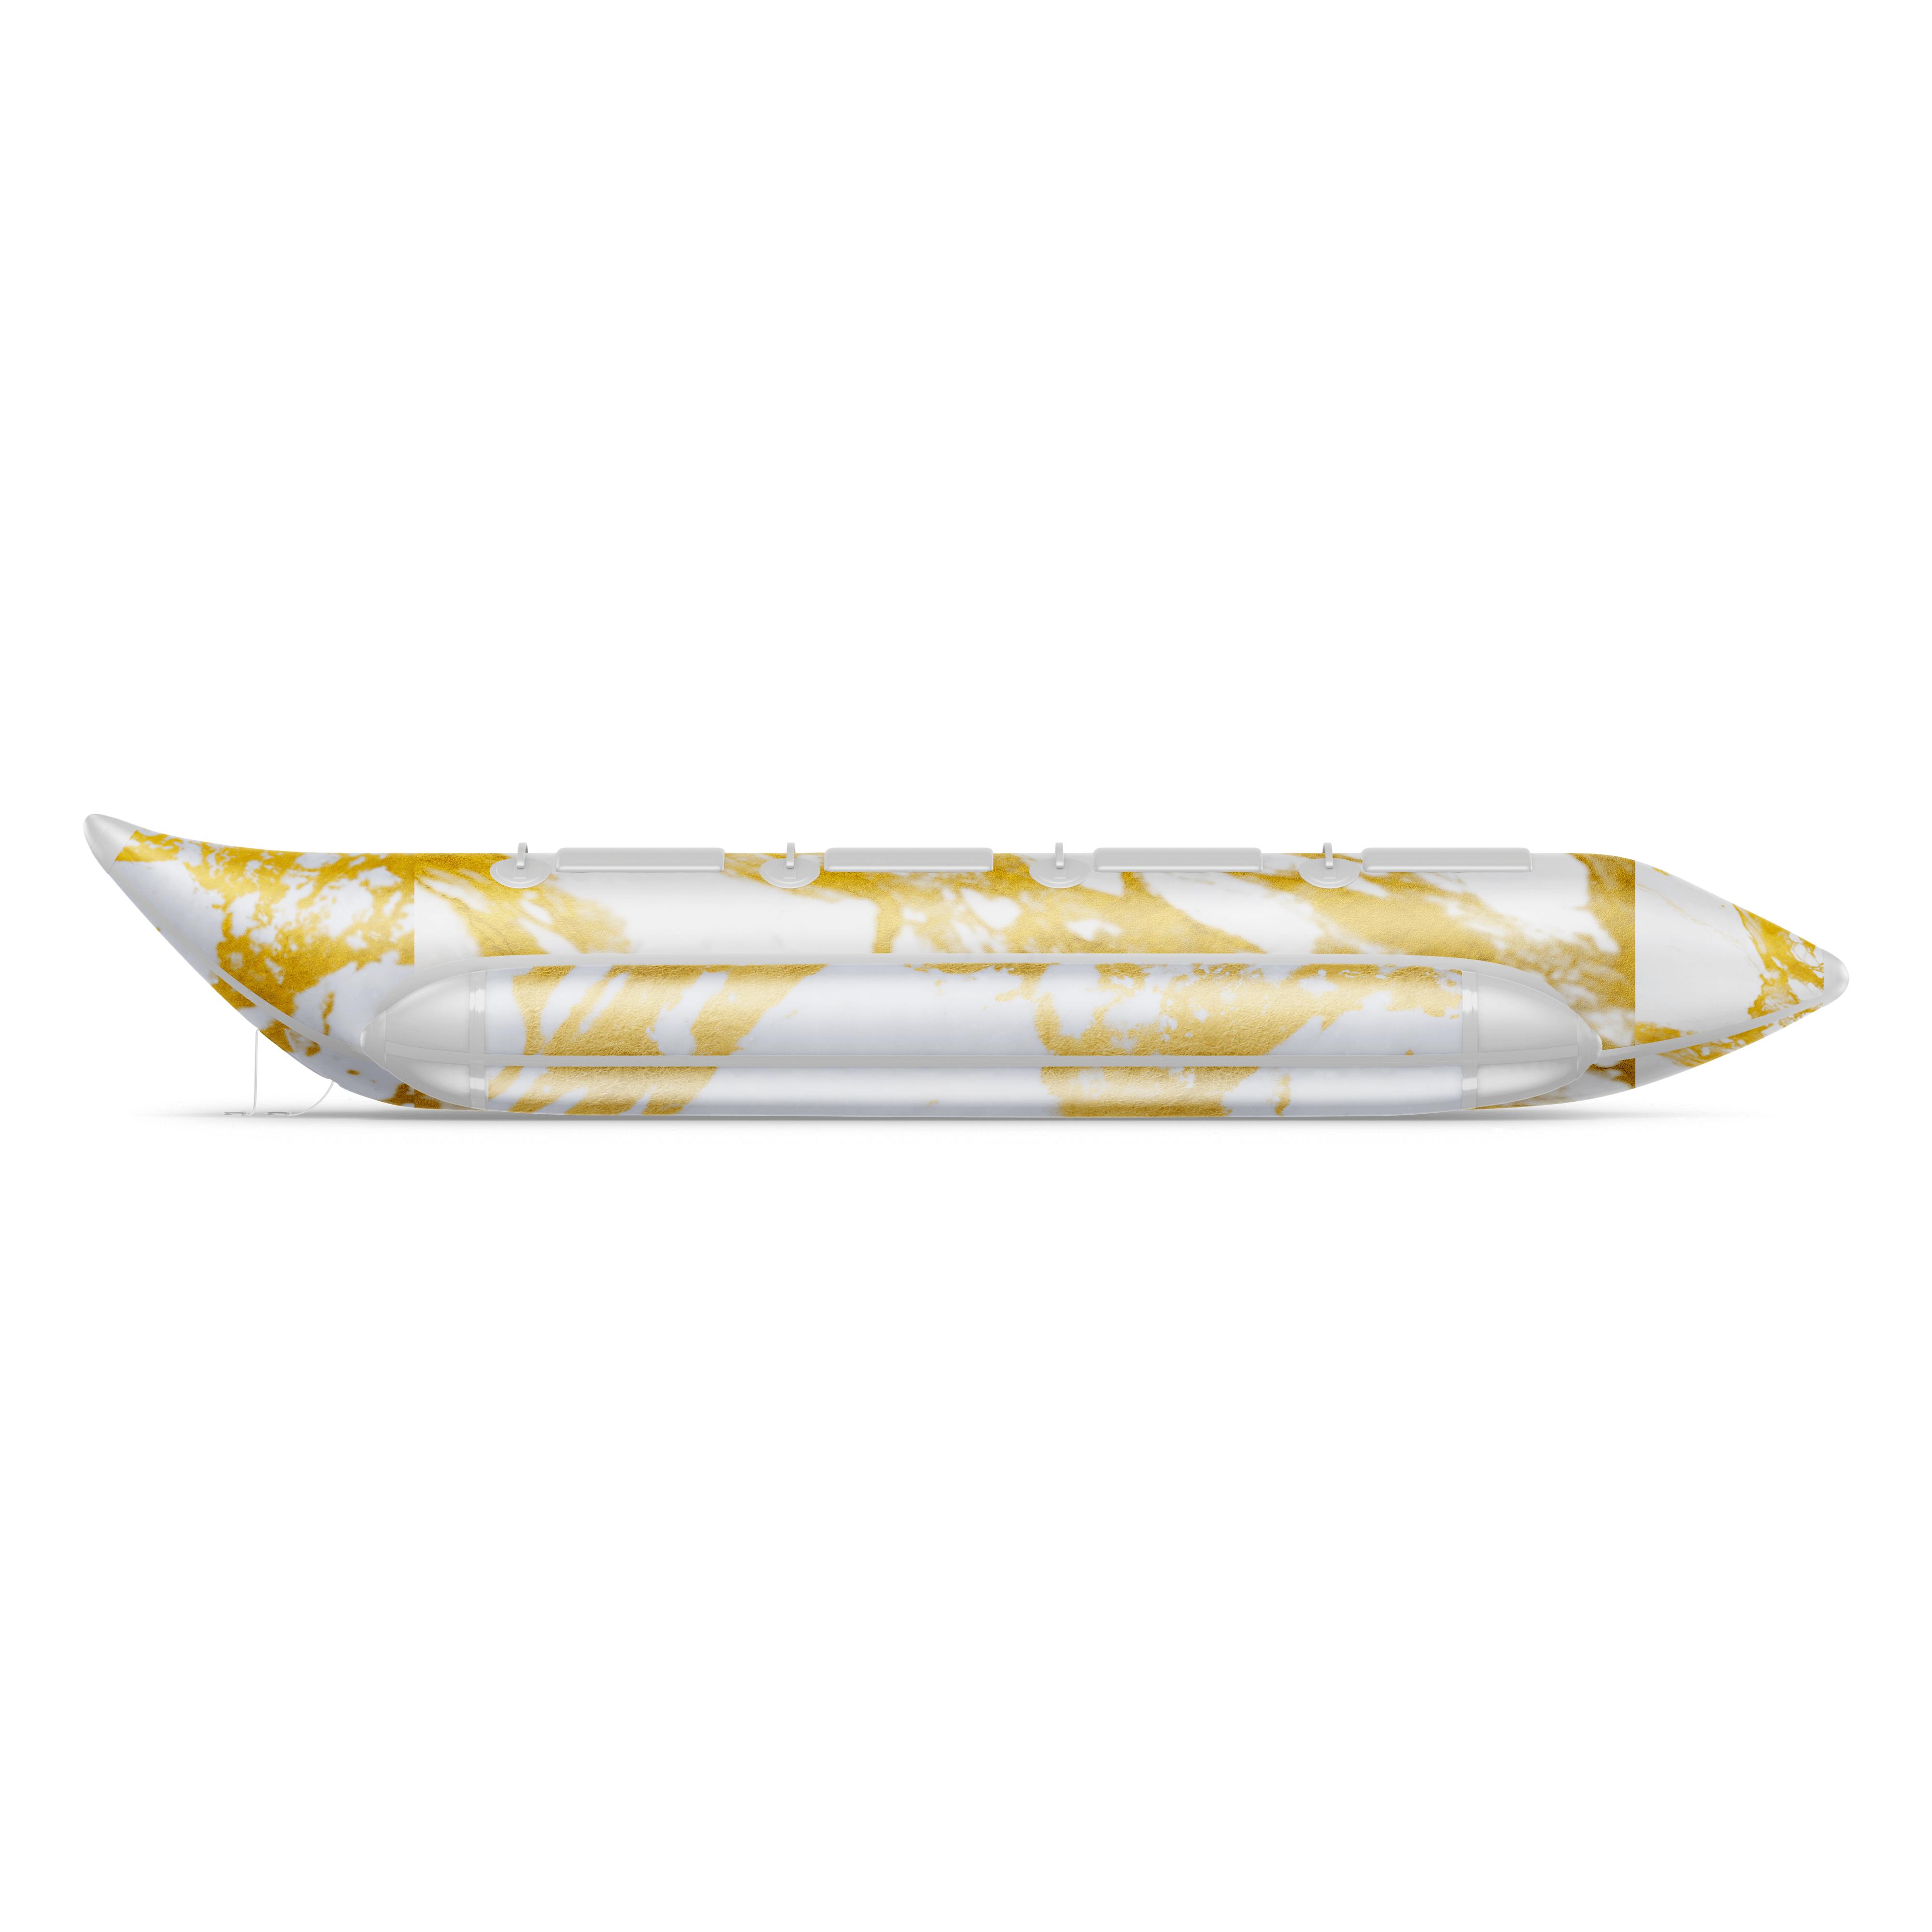 Free Banana Boat Mockup